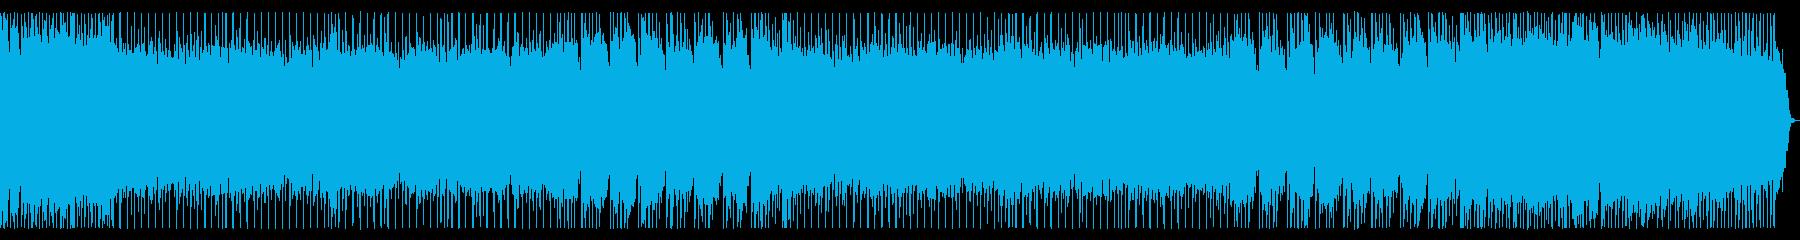 ポップで軽快なメタルBGM 宇宙空間の再生済みの波形